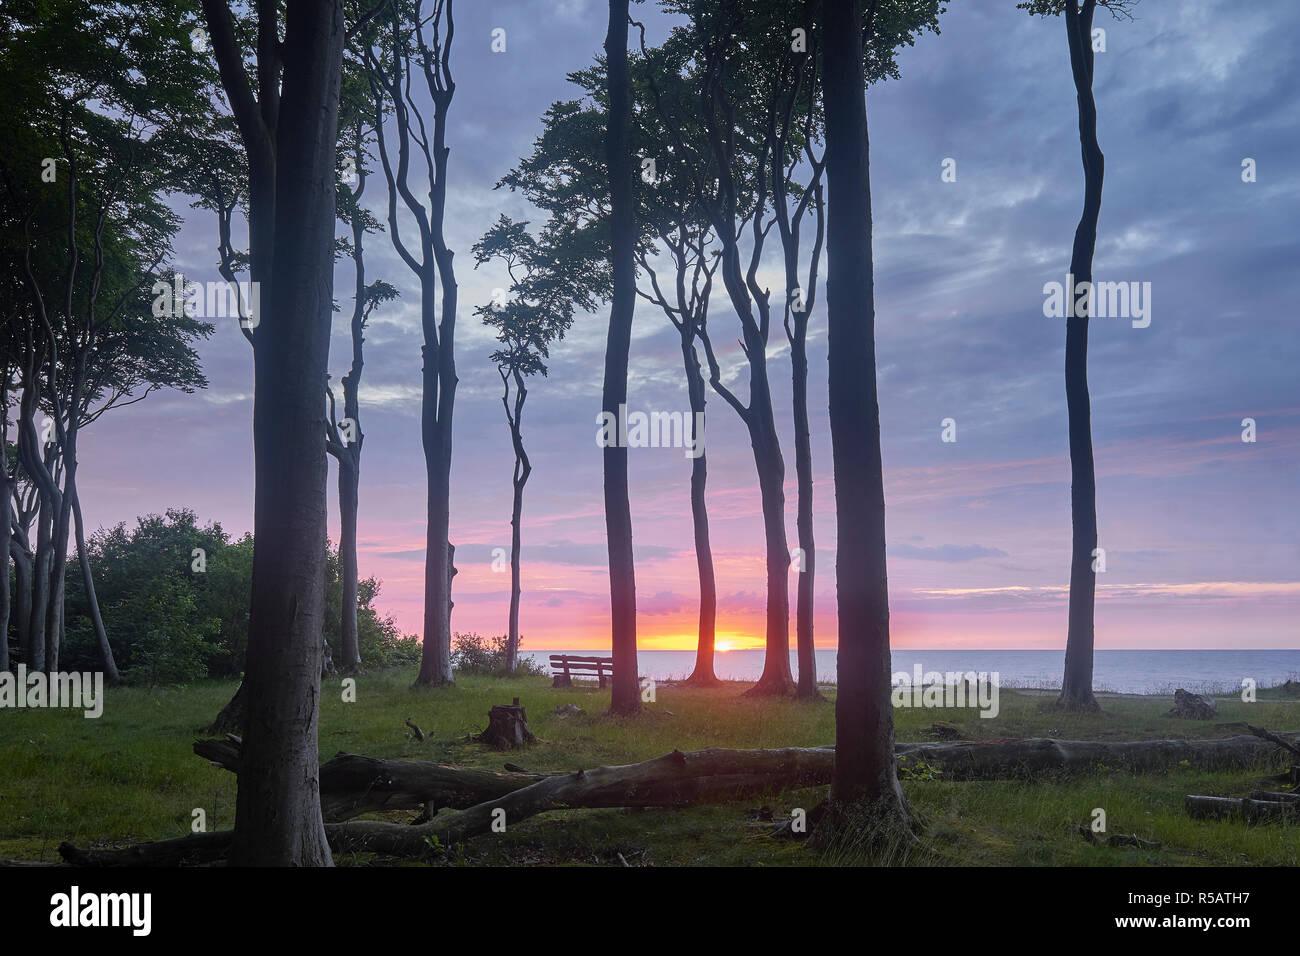 Ghost Forest Nienhagen with sunset, Ostseebad Nienhagen, Mecklenburg-Vorpommern, Germany Stock Photo